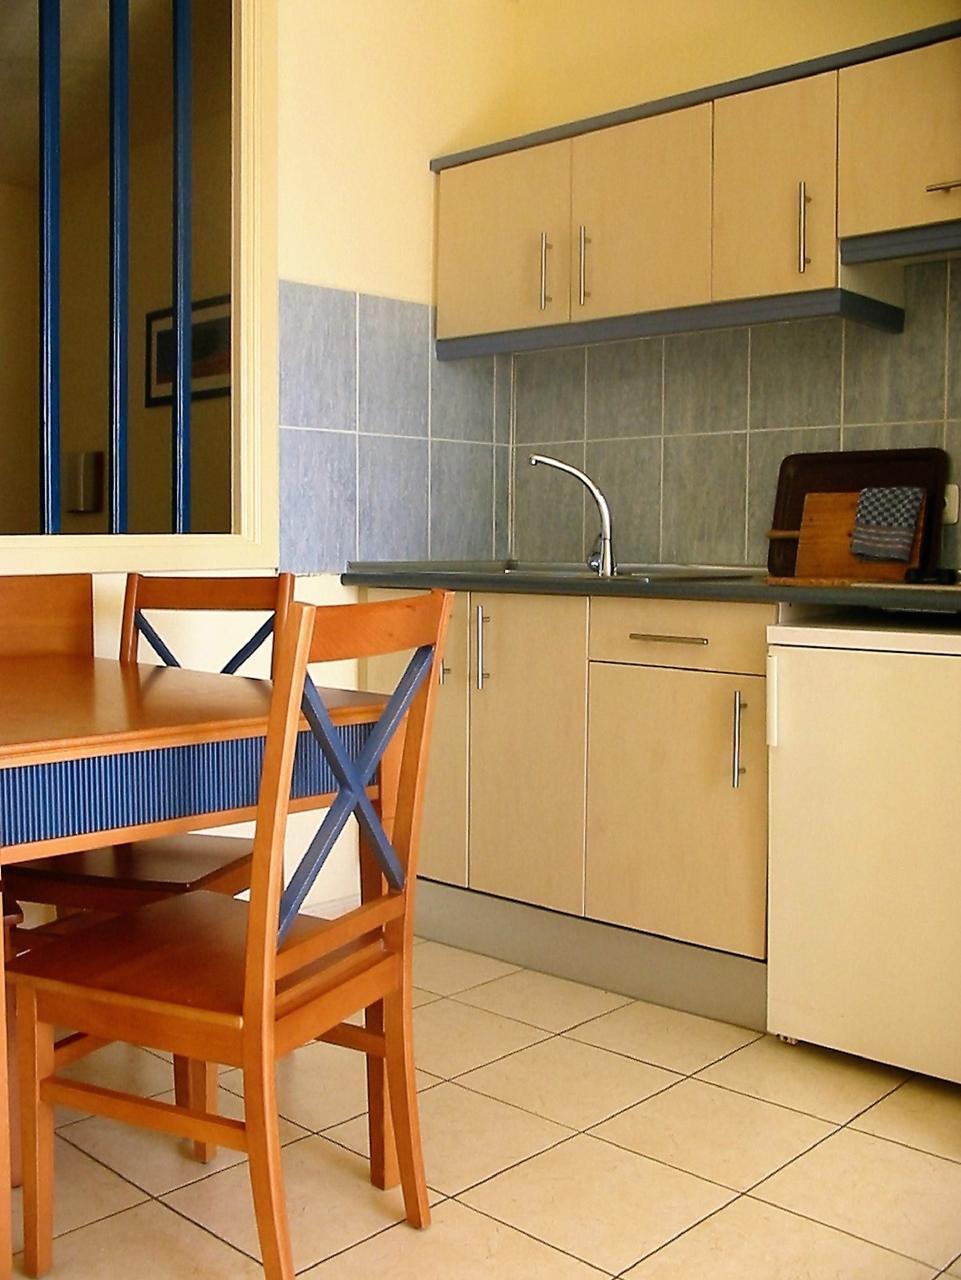 Ferienwohnung Apartment 2 / 4er Direkt am Meer, mit Blick auf den Strand, Schwimmbäder, ausgestattet. WI (487787), Morro Jable, Fuerteventura, Kanarische Inseln, Spanien, Bild 9